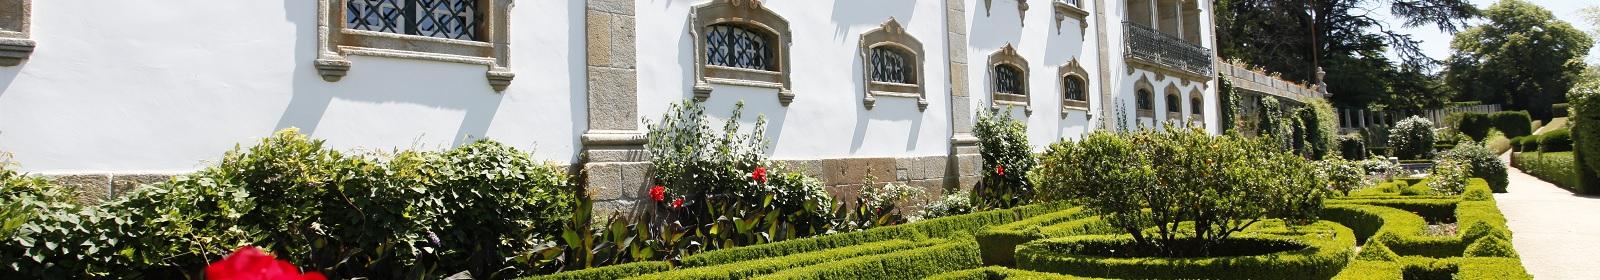 Visita ao Parador Casa da Ínsua